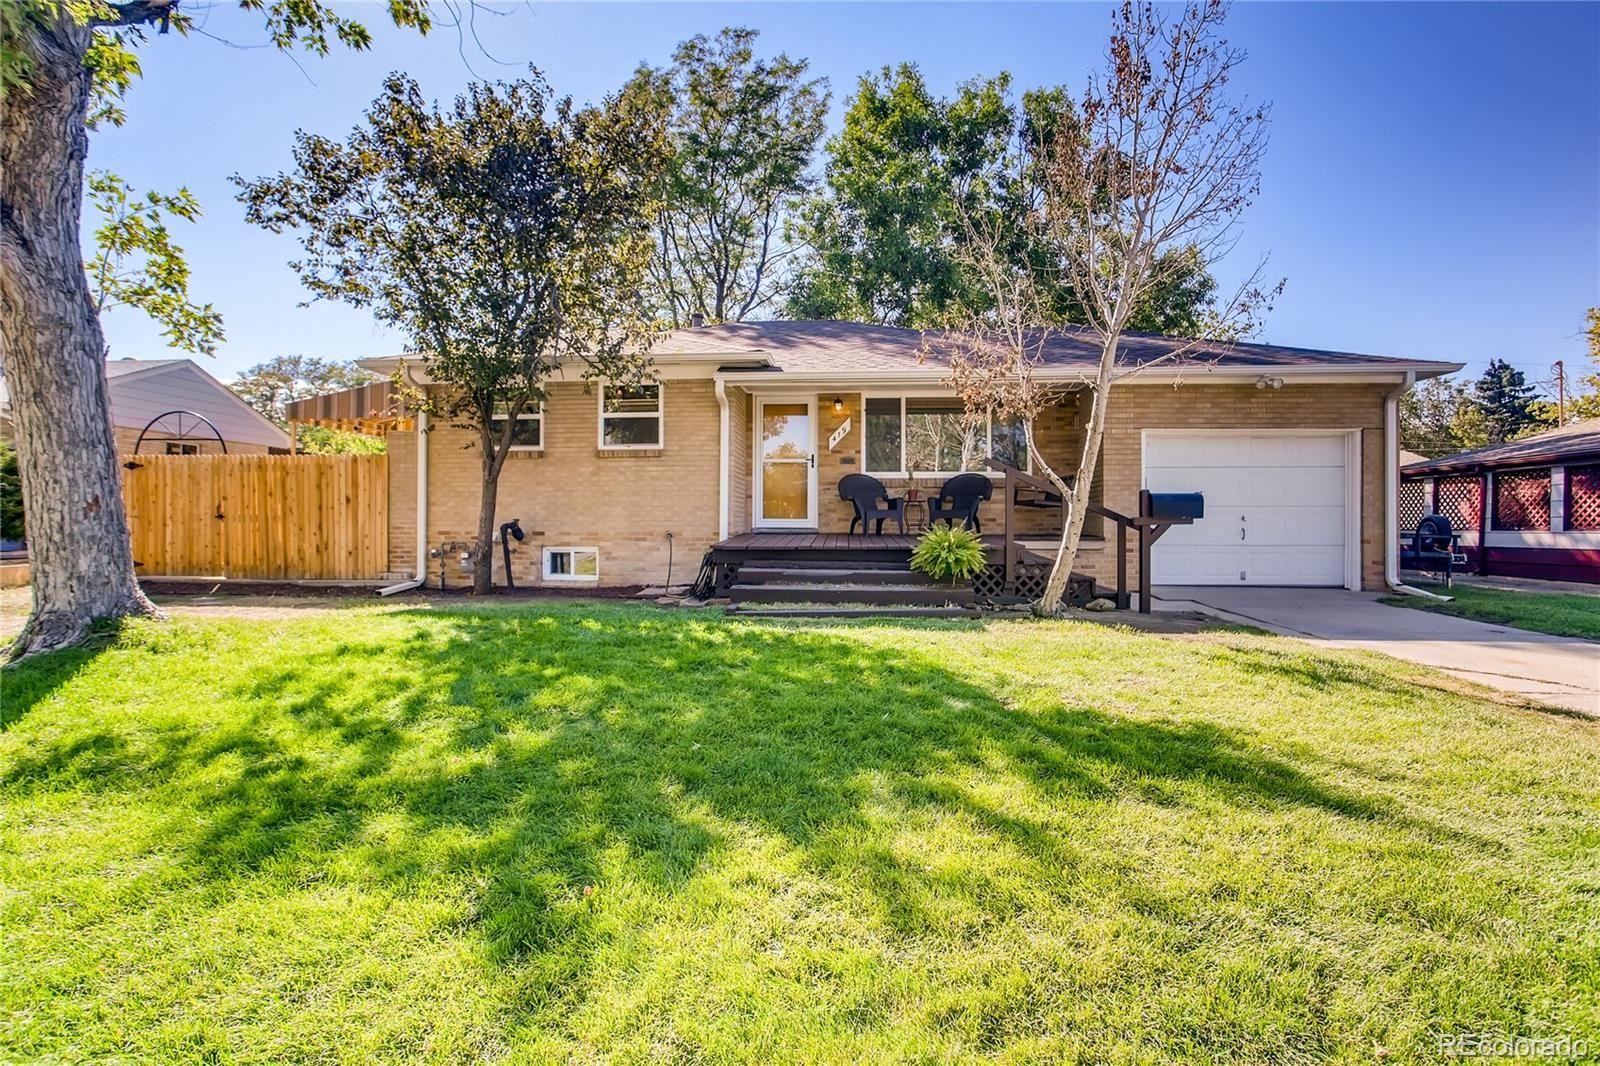 419 S Kendall Street, Lakewood, CO 80226 - MLS#: 3968700